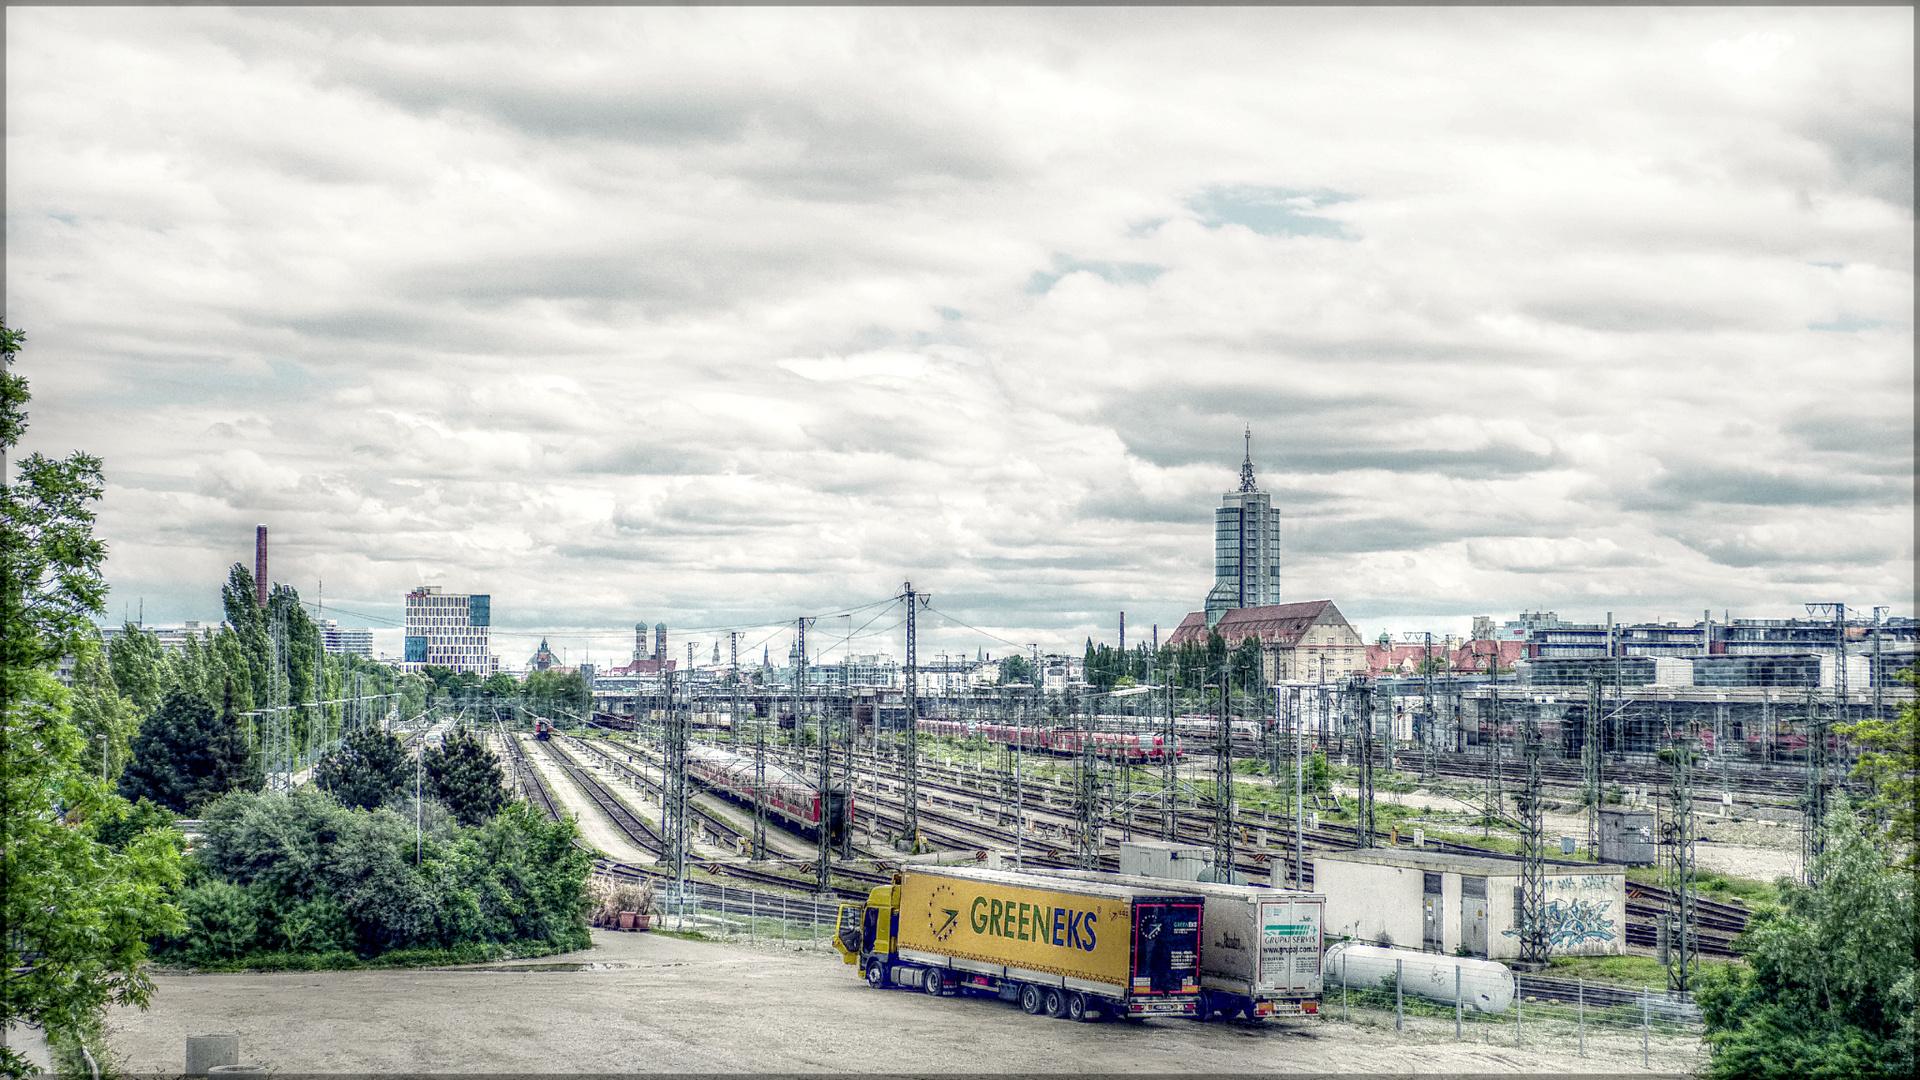 München - Verkehr auf Schiene